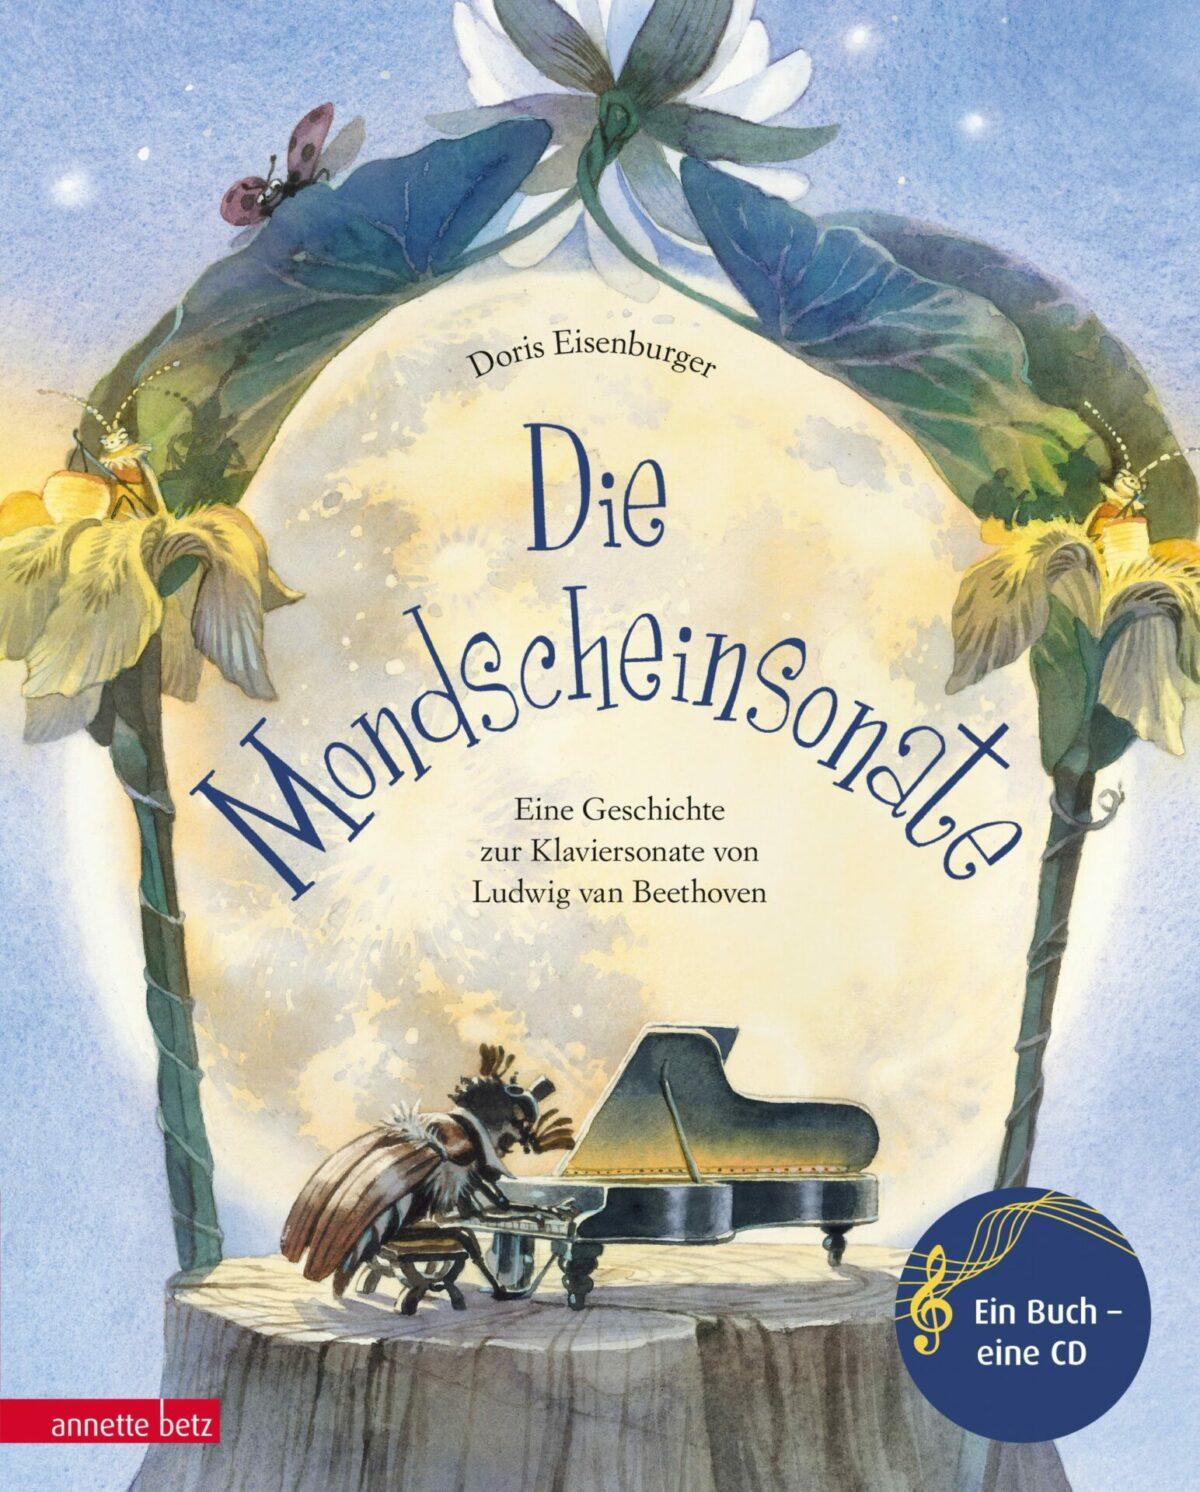 """Buchbesprechung """"Die Mondscheinsonate"""" von Doris Eisenburger  klassik-begeistert.de"""